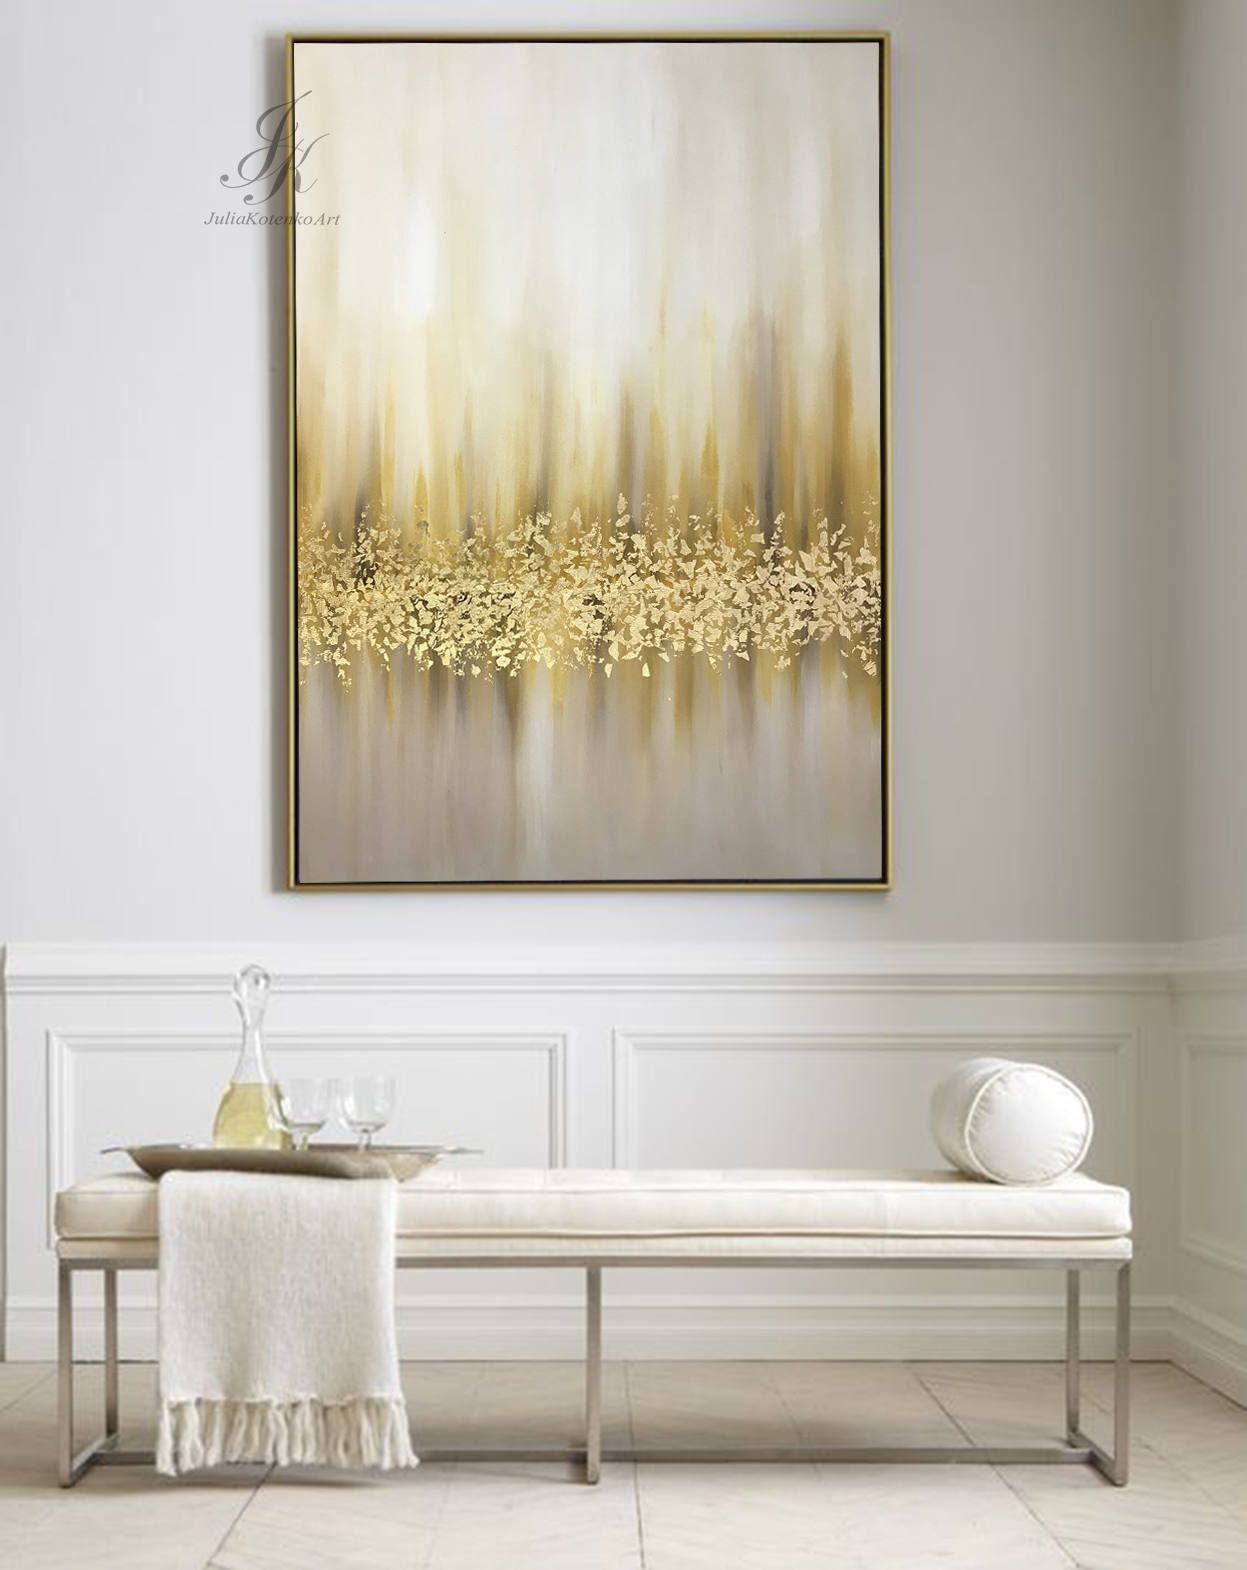 Photo of Abstrakte Ölgemälde auf Leinwand, große Wandkunst, Blattgold, Wand-Dekor, Original-Gemälde helle Moderne Kunst abstrakte Malerei von Julia Kotenko